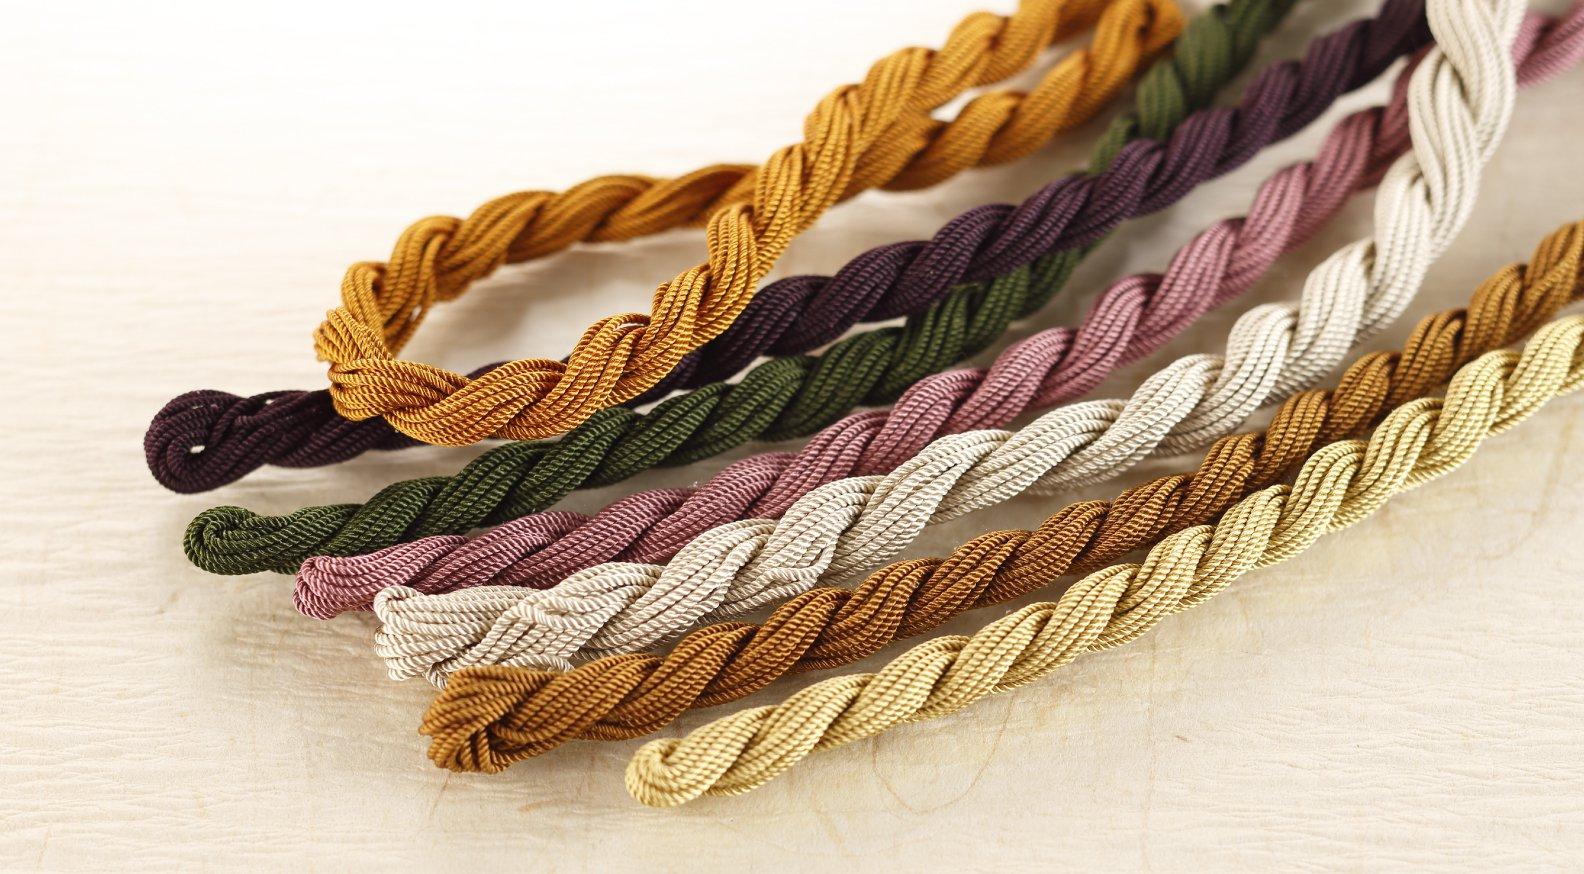 撚糸(かがり糸)